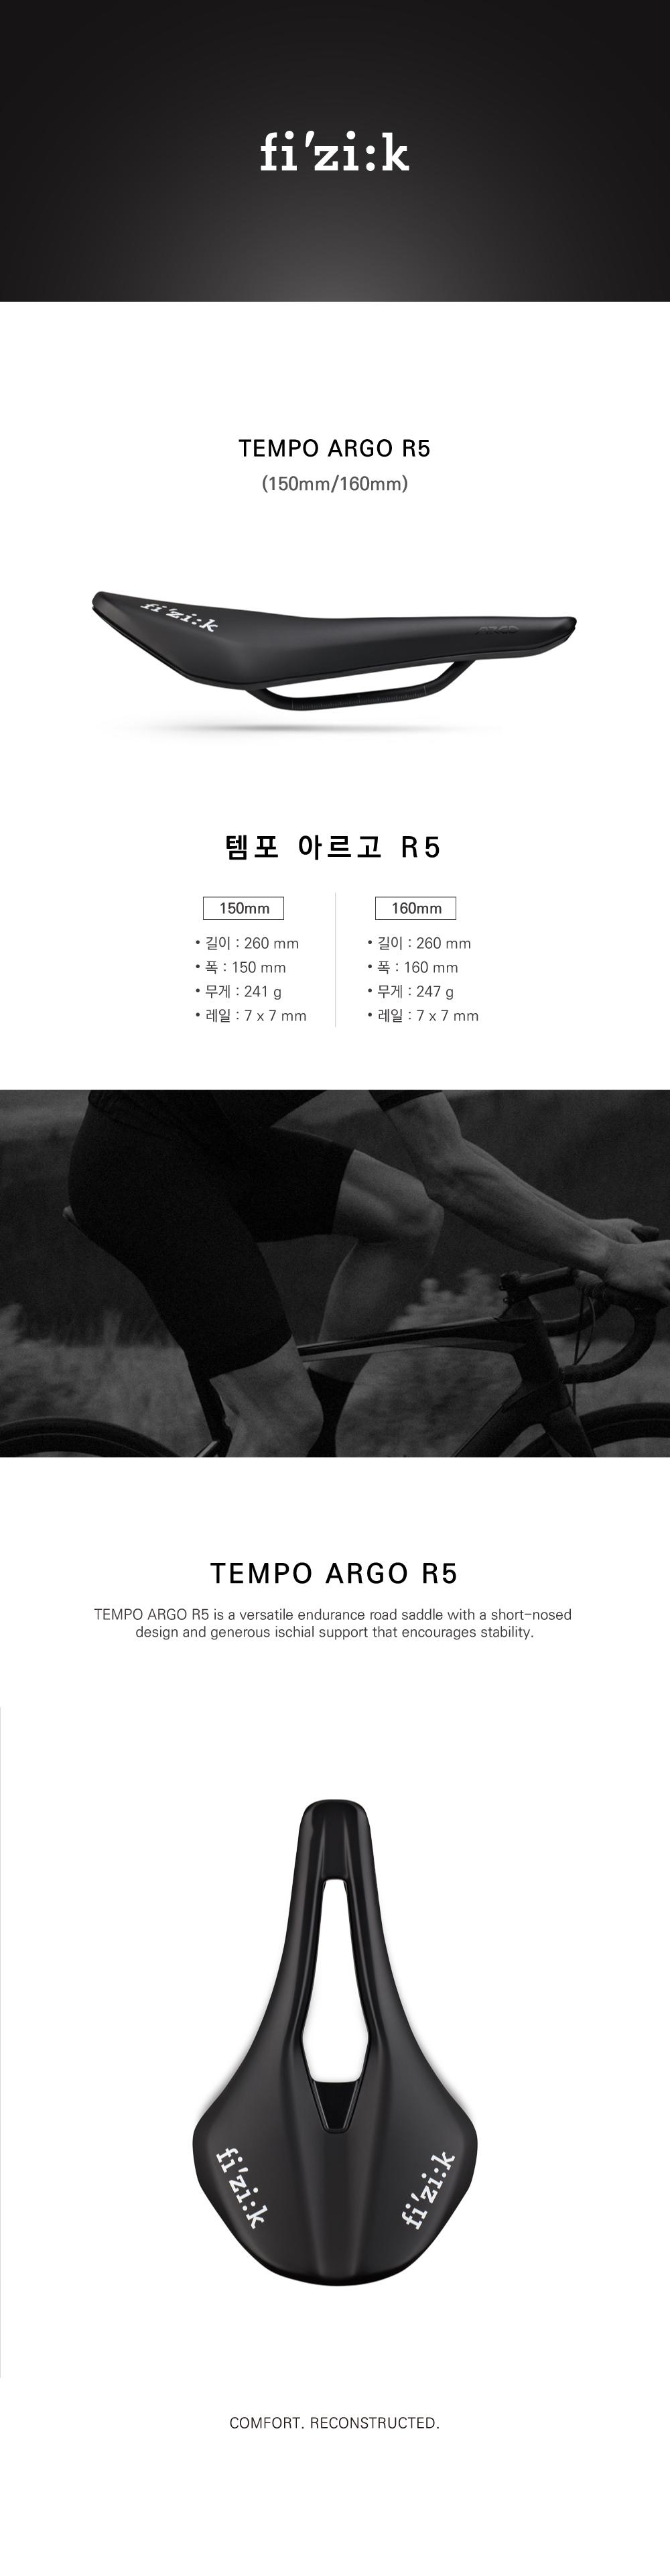 tempoargoR5.jpg